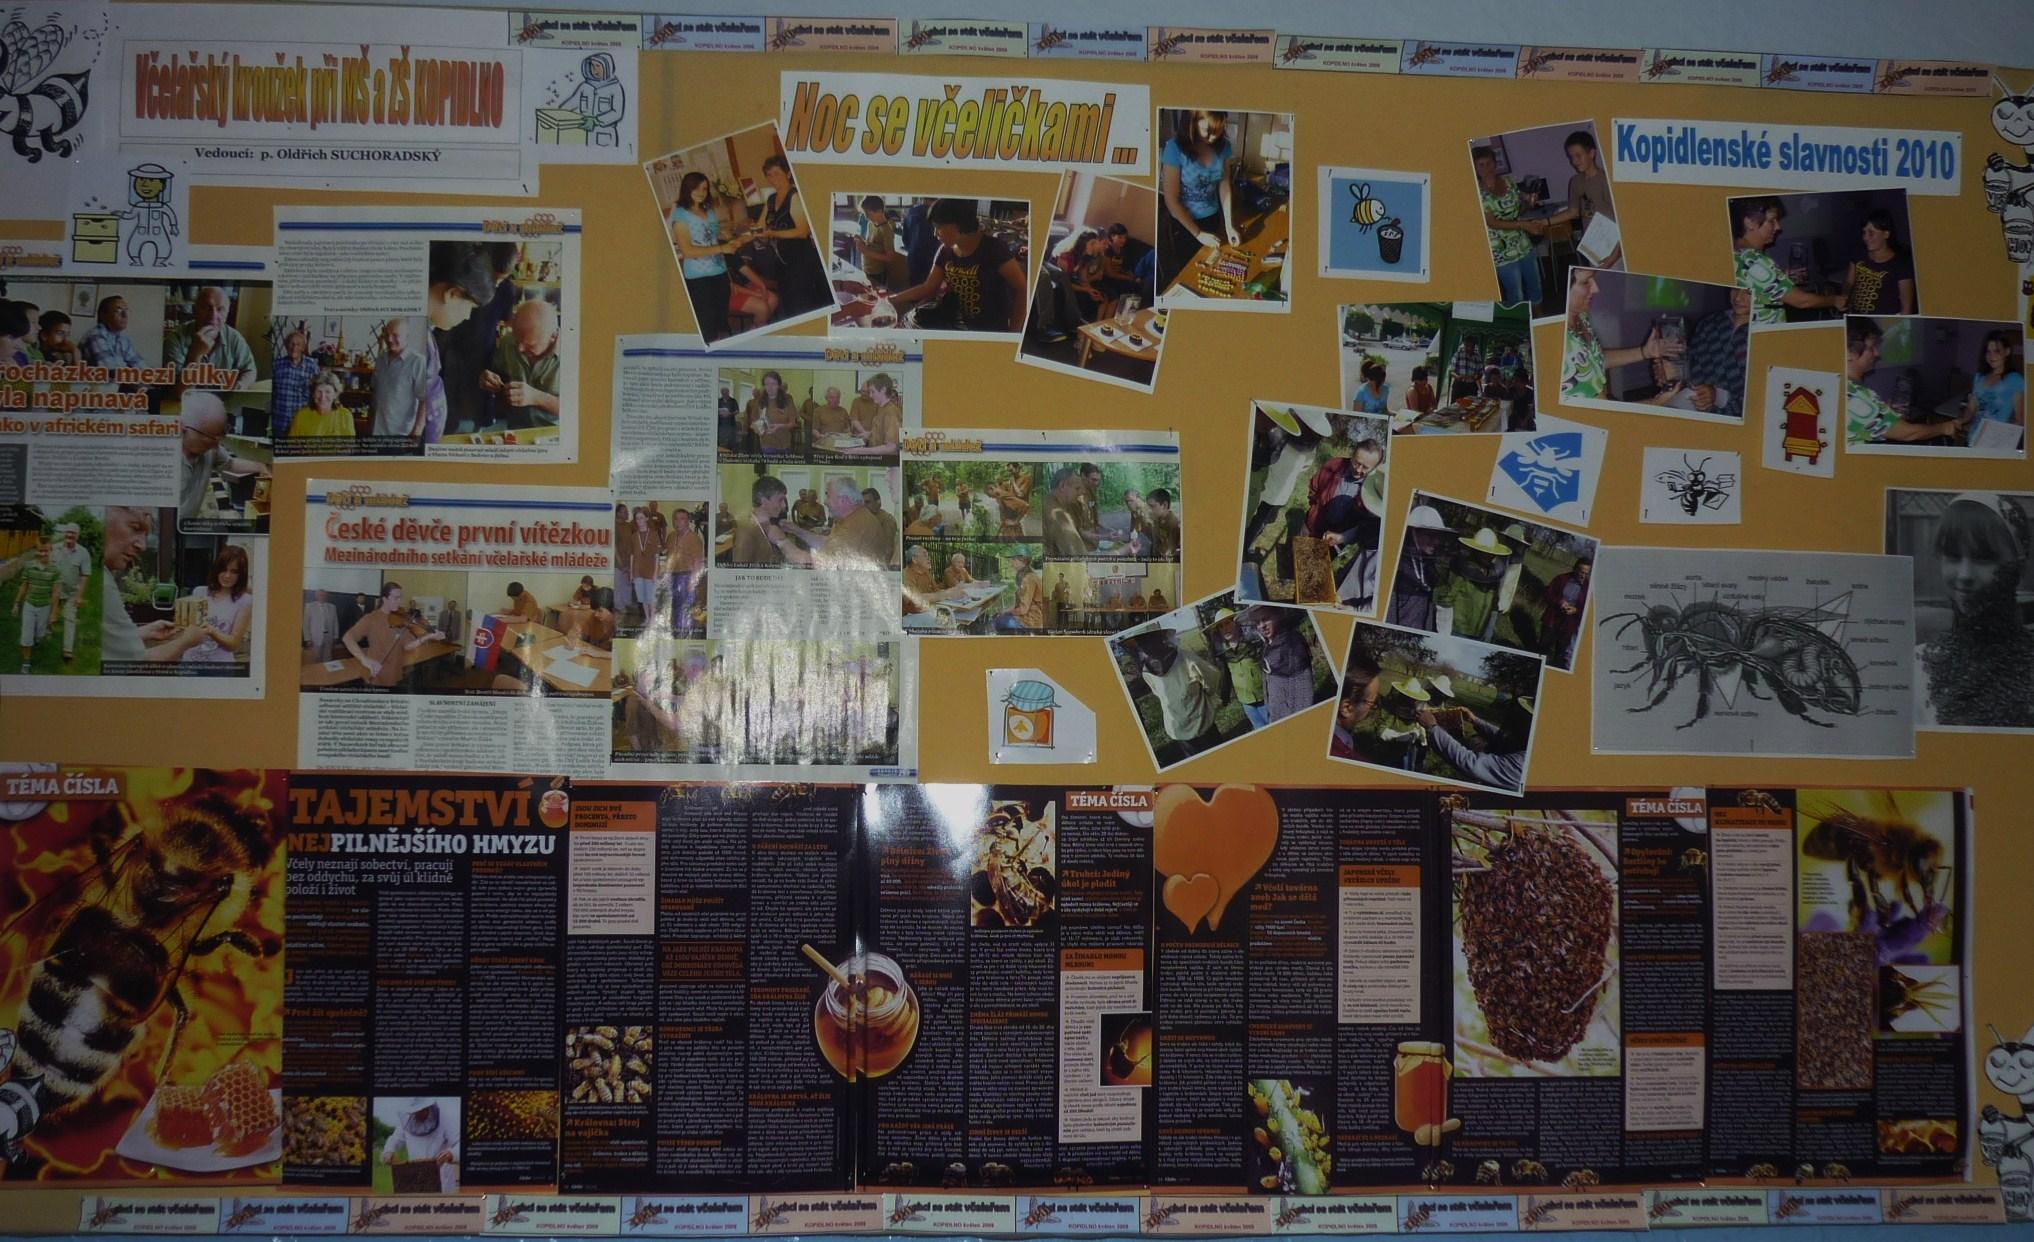 Propagační nástěnka na chodbě školy - březen 2010